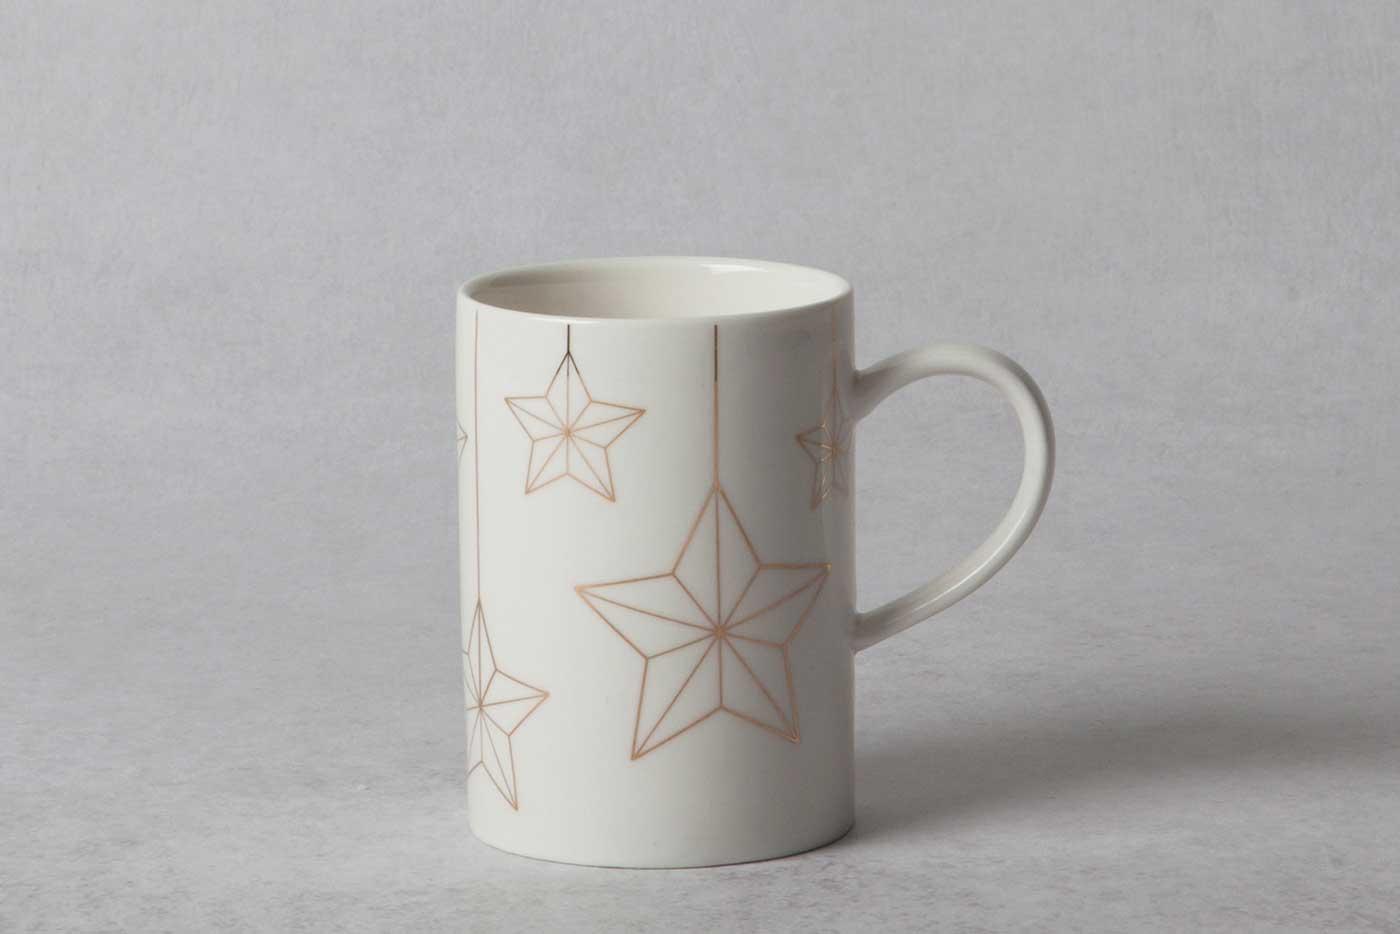 colazione-zara-home-mug-2